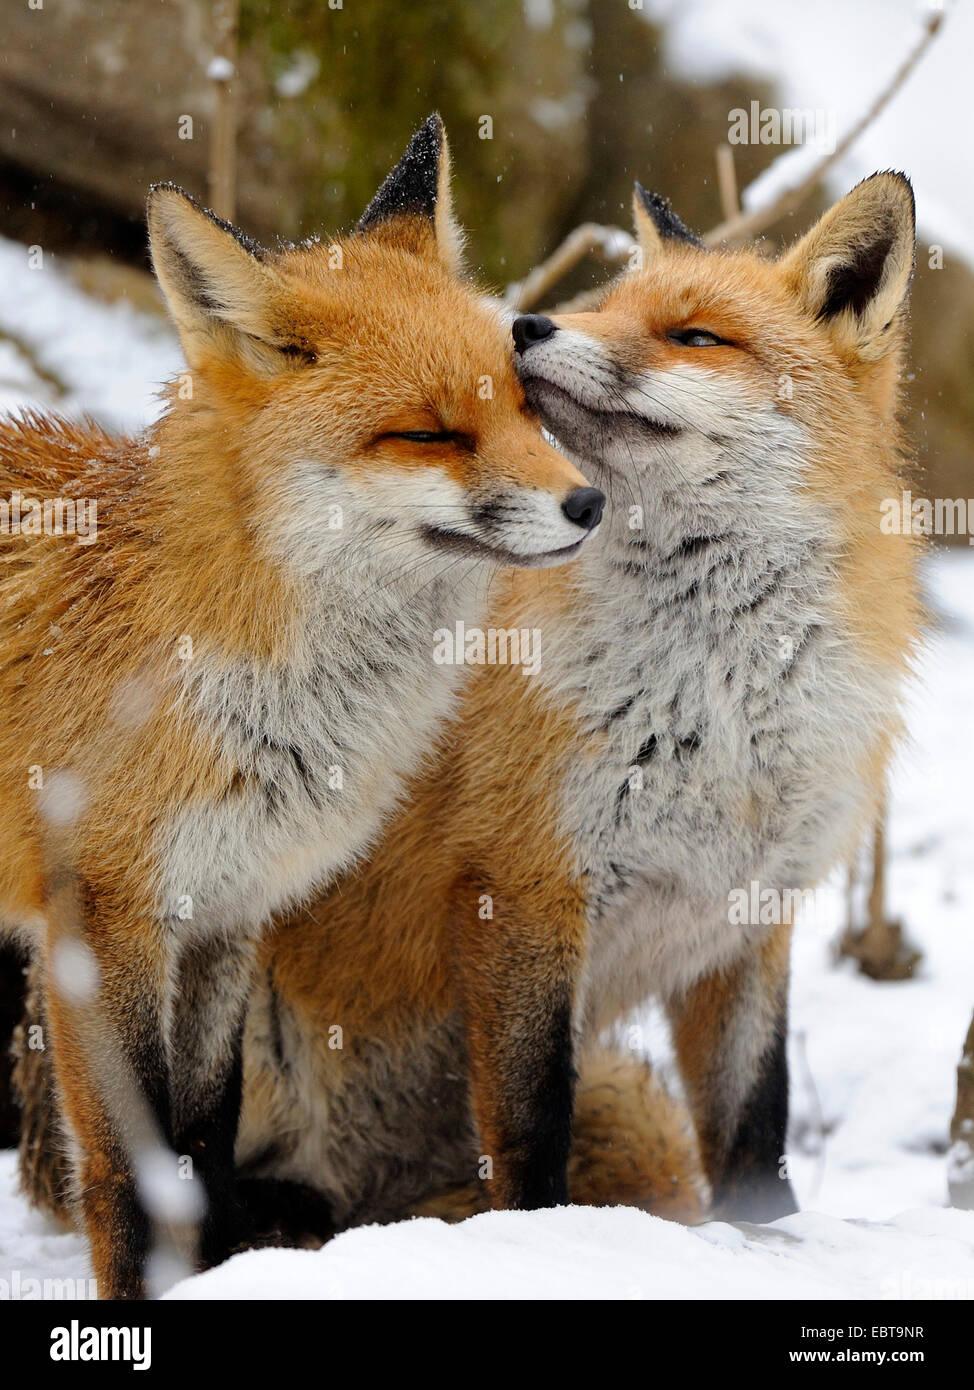 Rotfuchs (Vulpes Vulpes), zwei Füchse stehen nebeneinander im Schnee liebkosen einander, Deutschland Stockbild